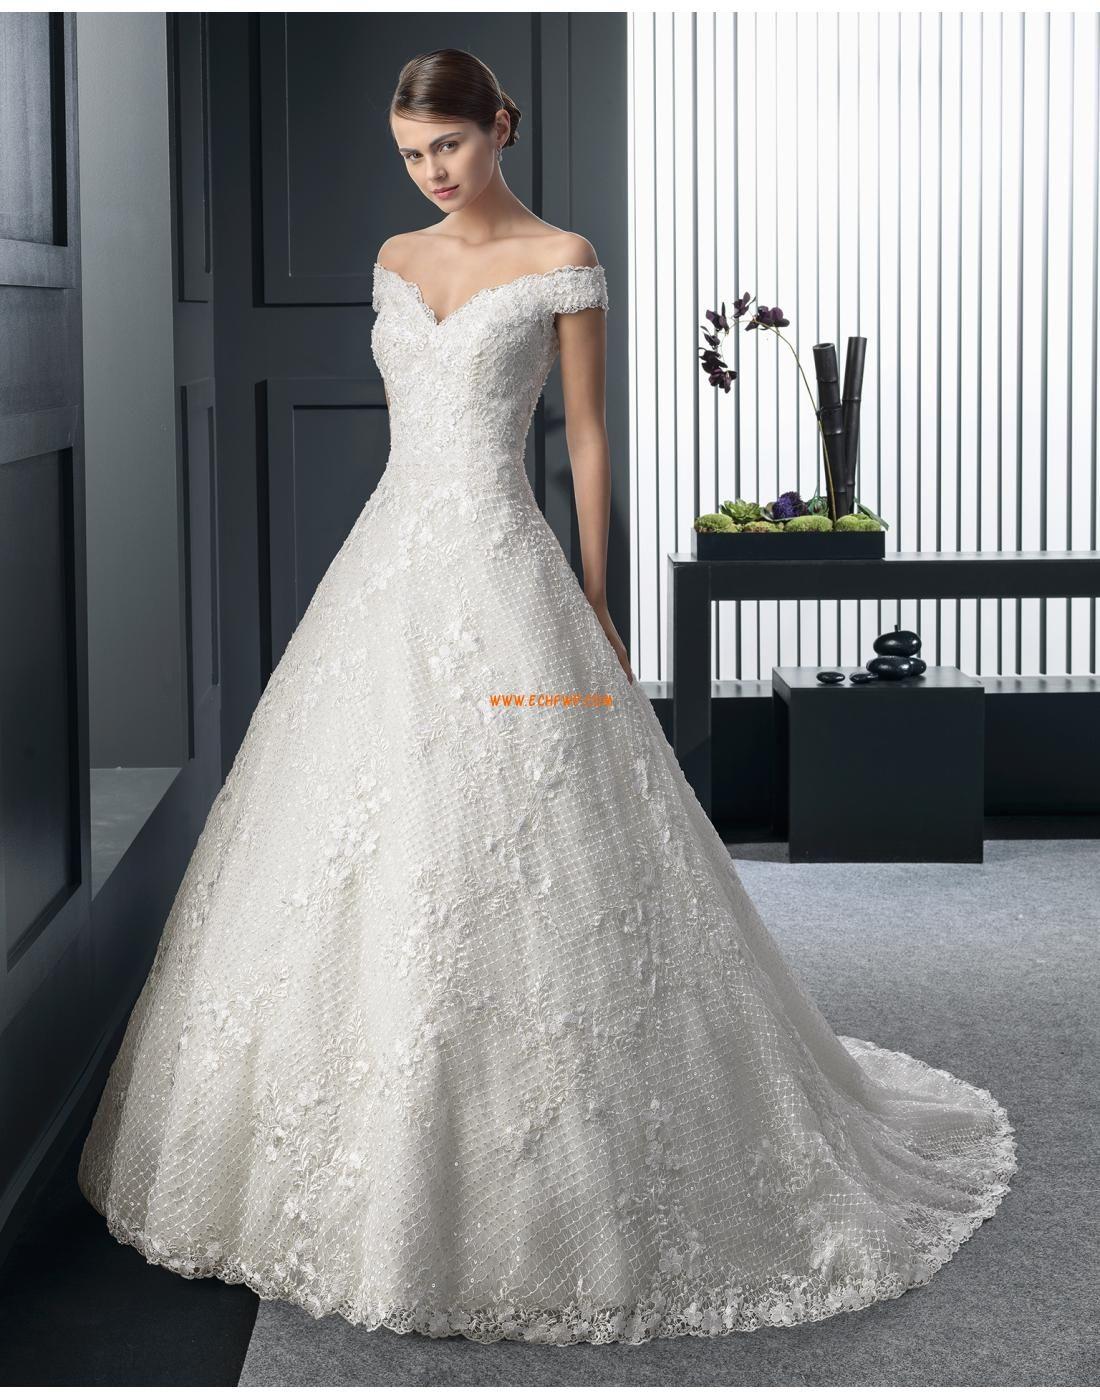 Hombros Caídos Encaje Sin Mangas Vestido de Novia 2015 | My Wedding ...